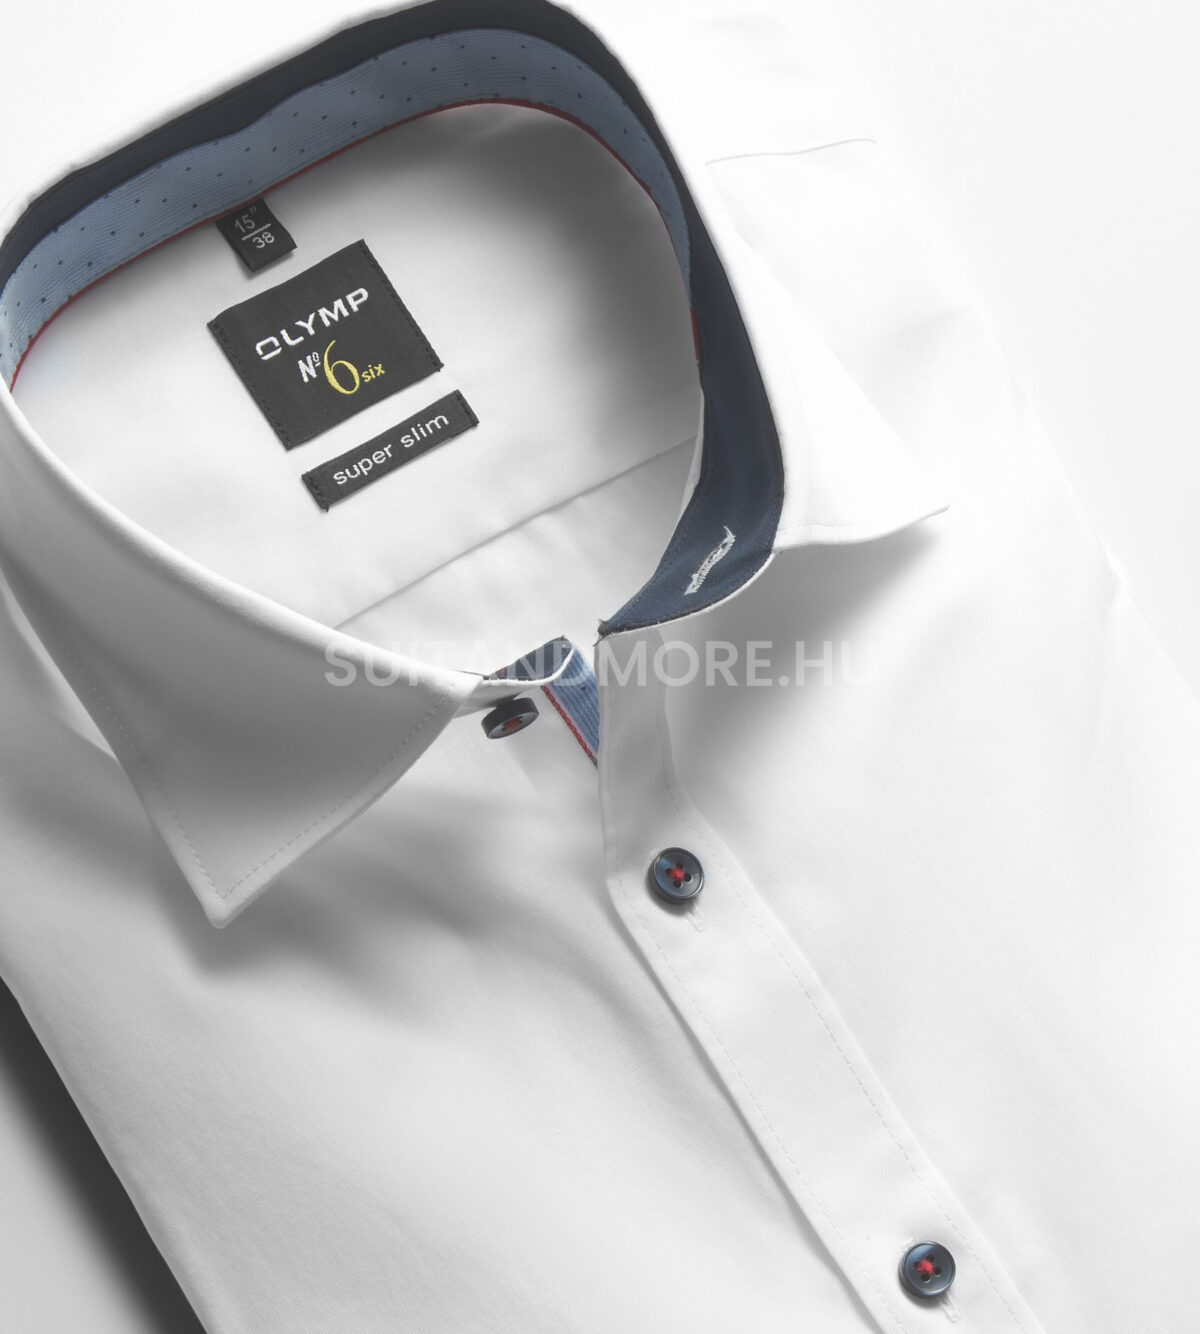 OLYMP-fehér-extra-slim-fit-vasaláskönnyített-ing-2514-14-00-02